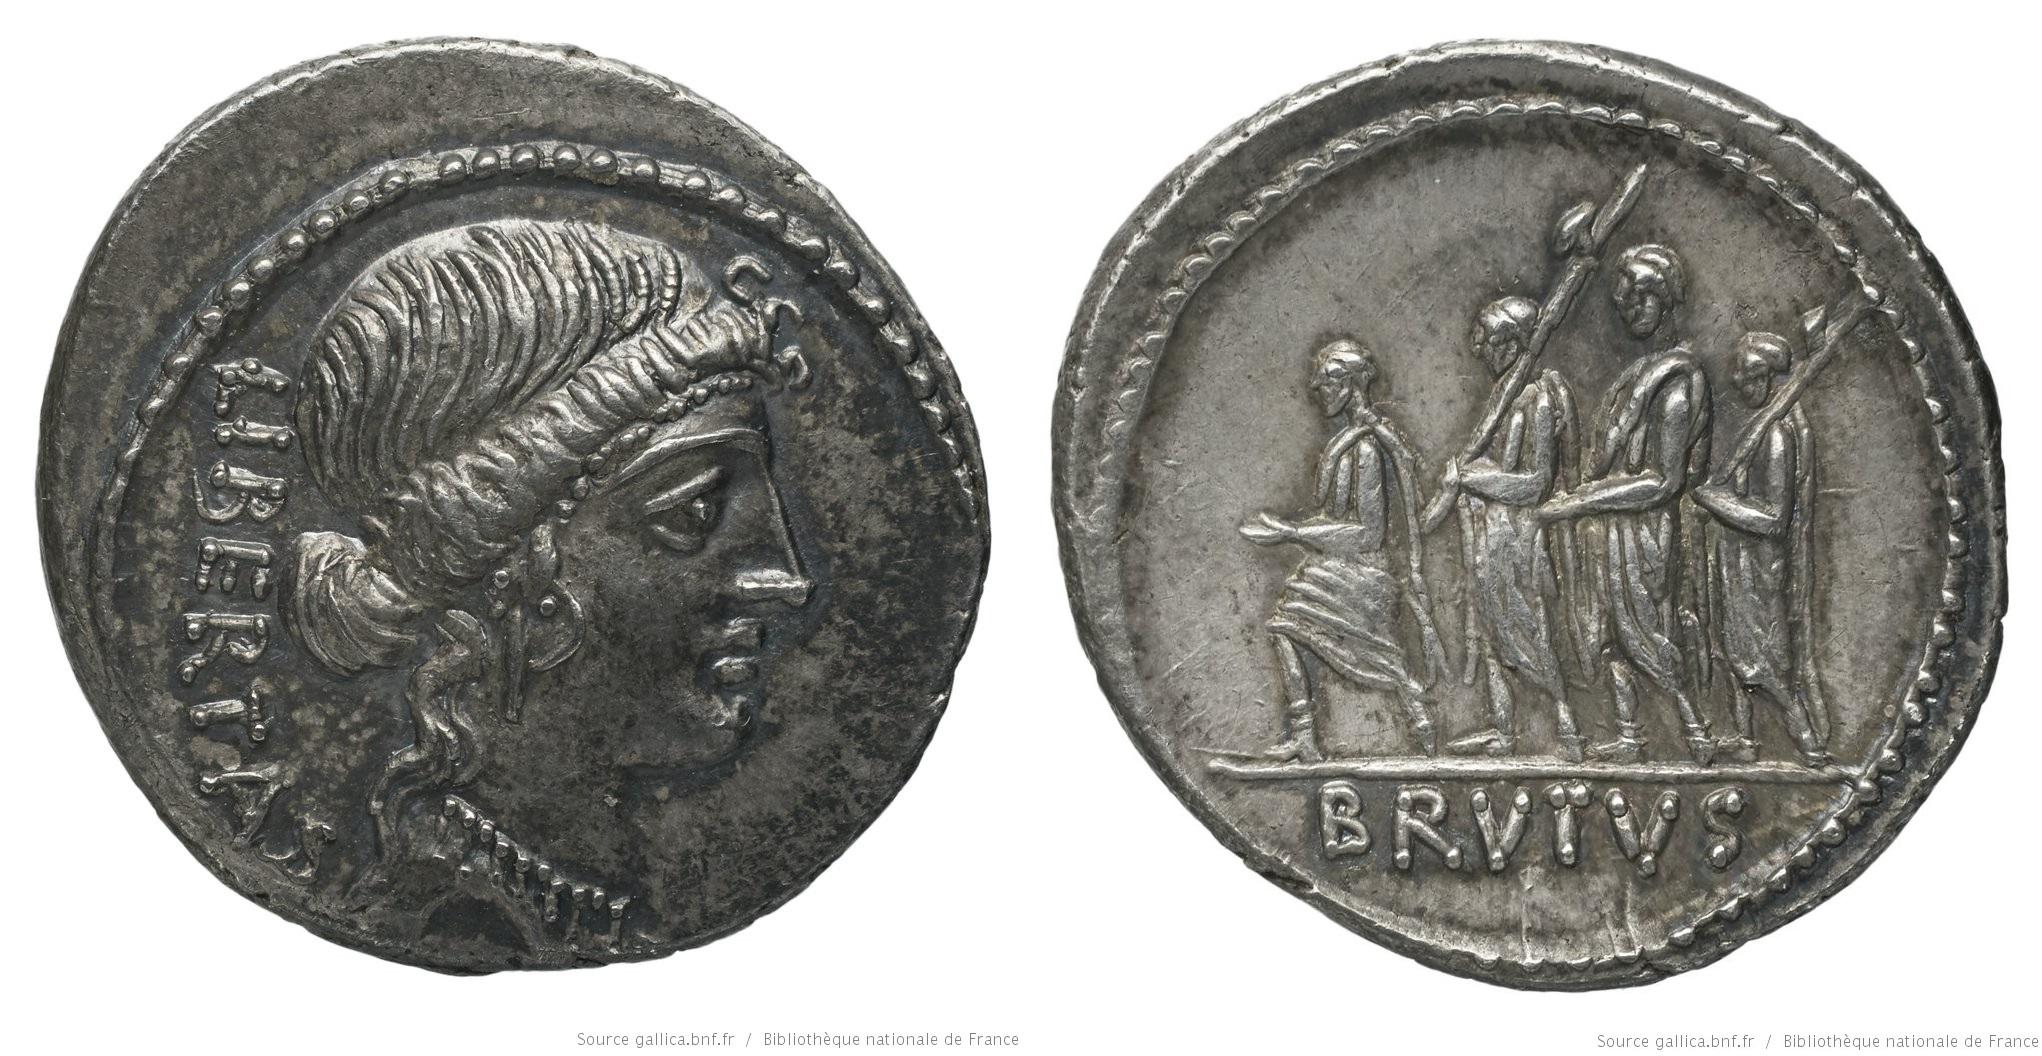 [Help LCA] Aide pour l'analyse d'un personnage sur un tableau représentant Cincinnatus Monnaie_Denarius__btv1b10435645k2